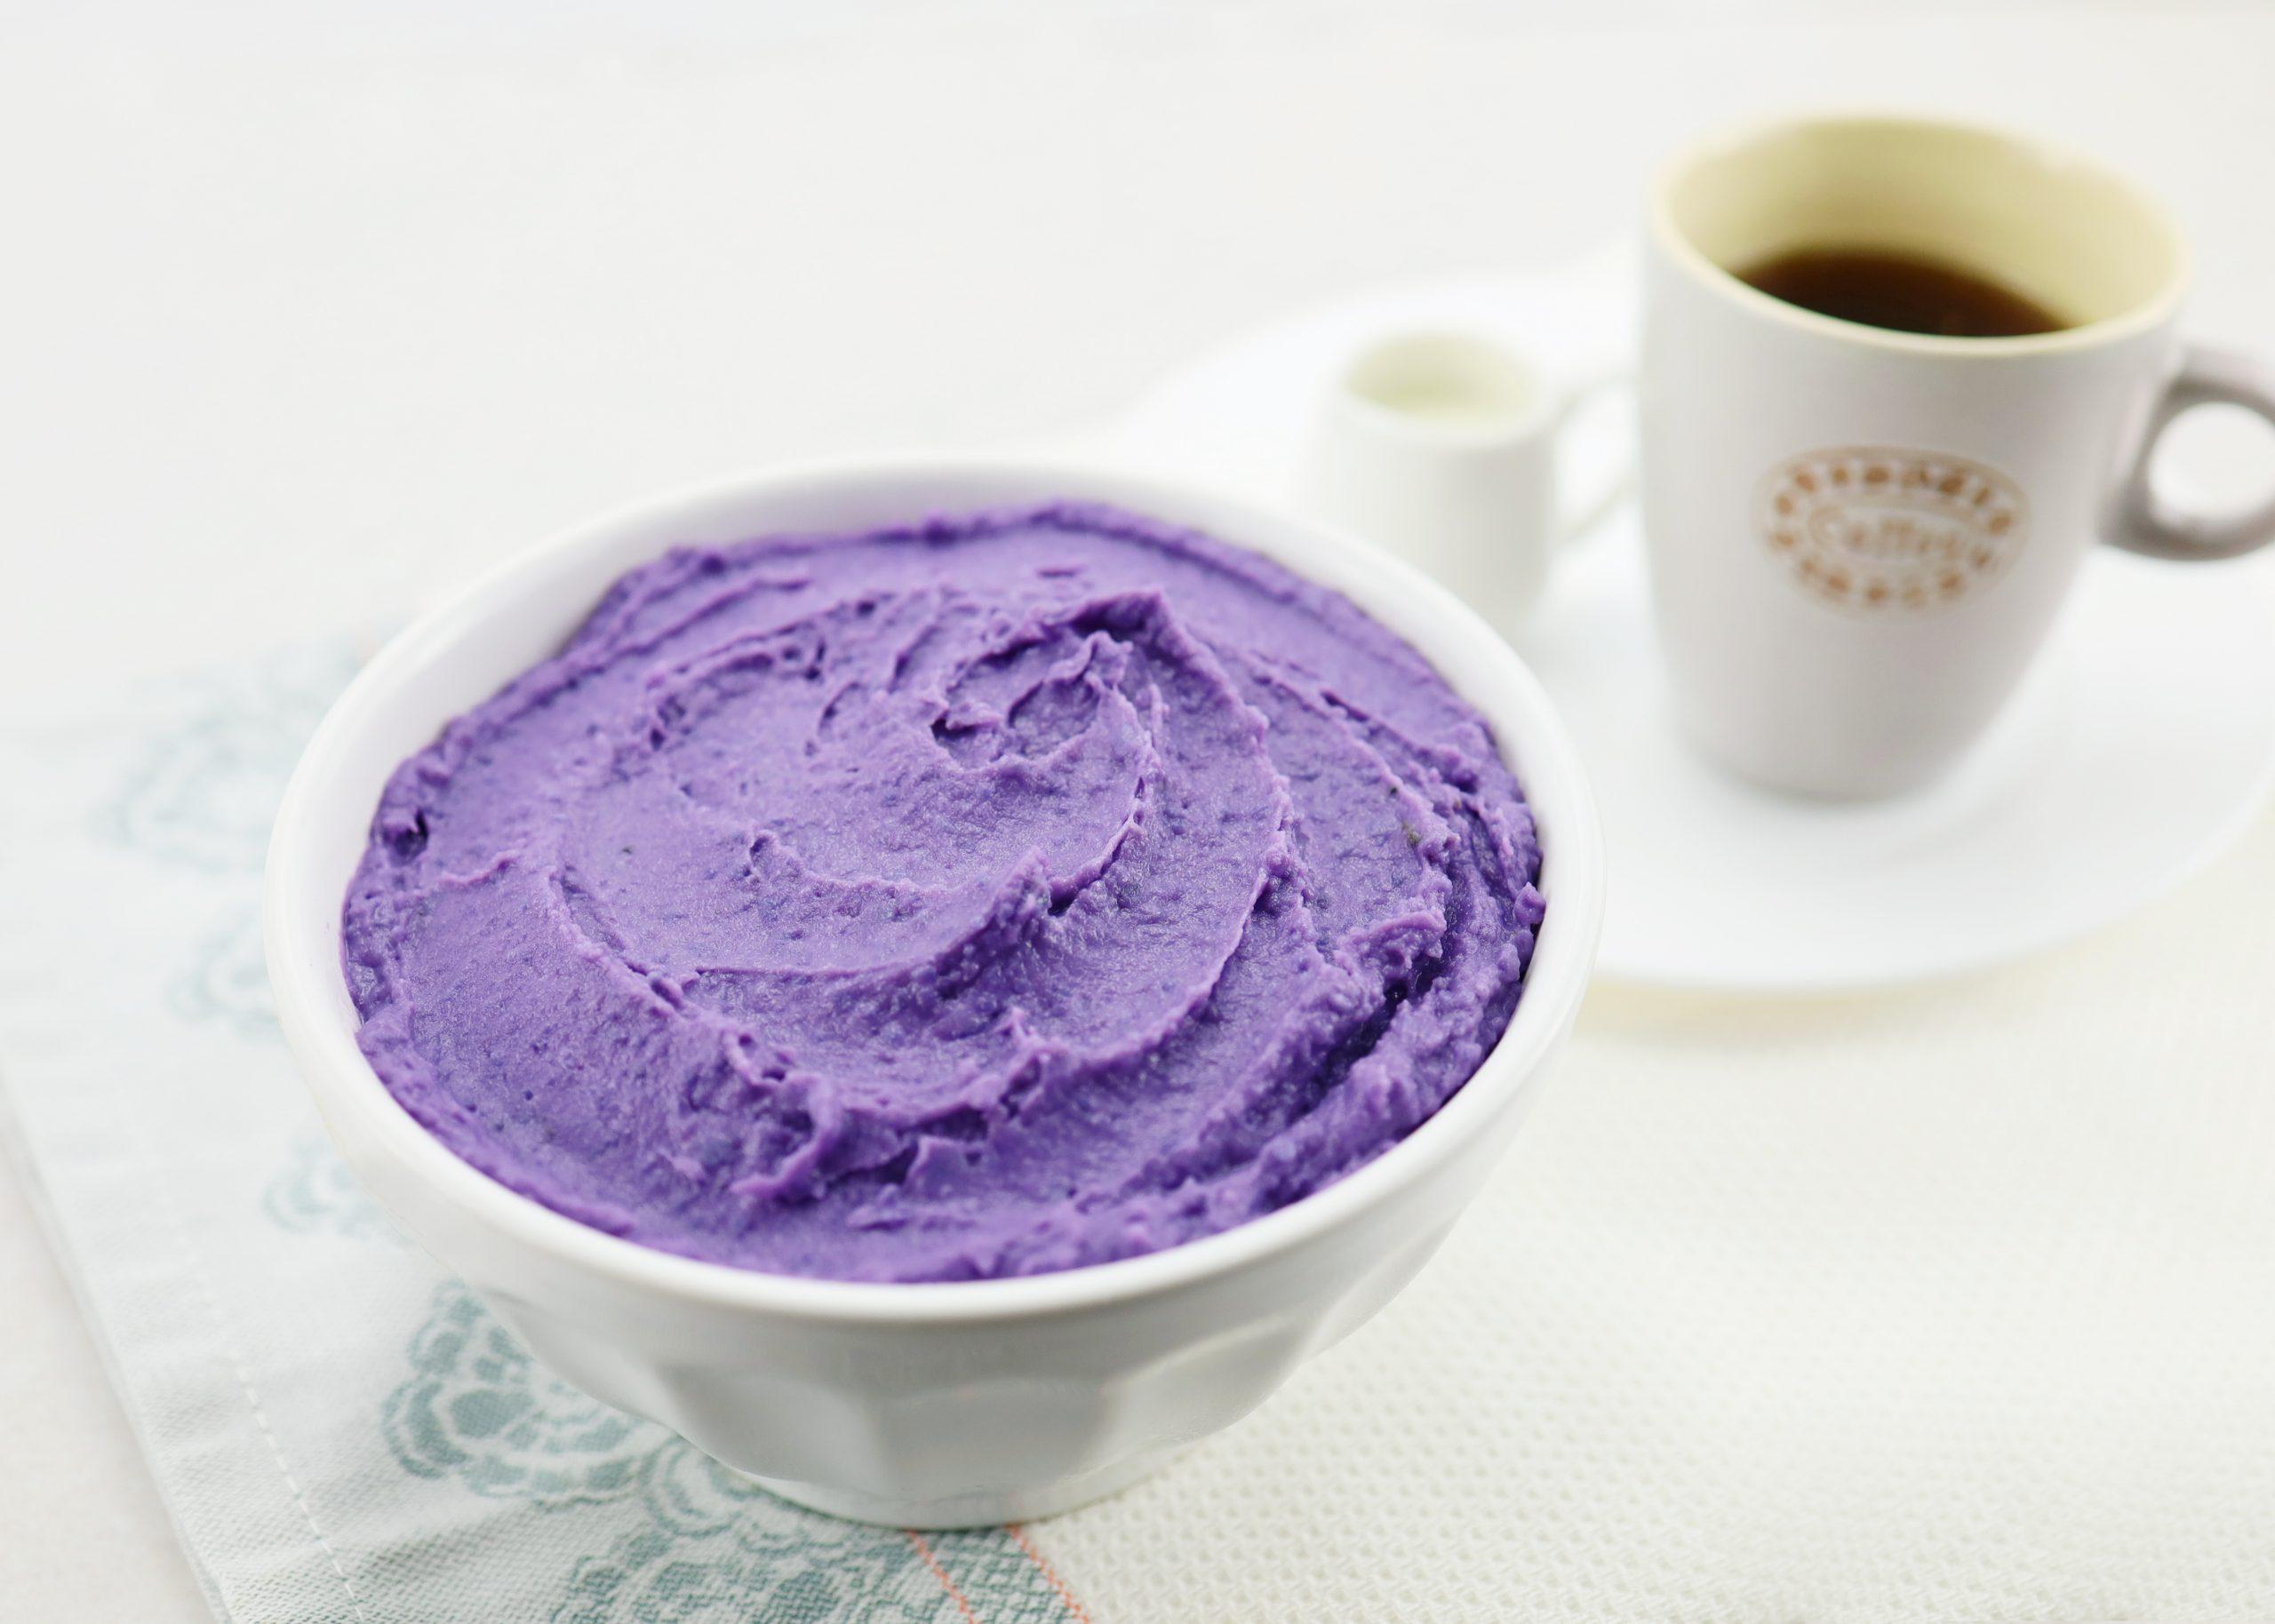 Ube Halaya (Purple Yam Jam)